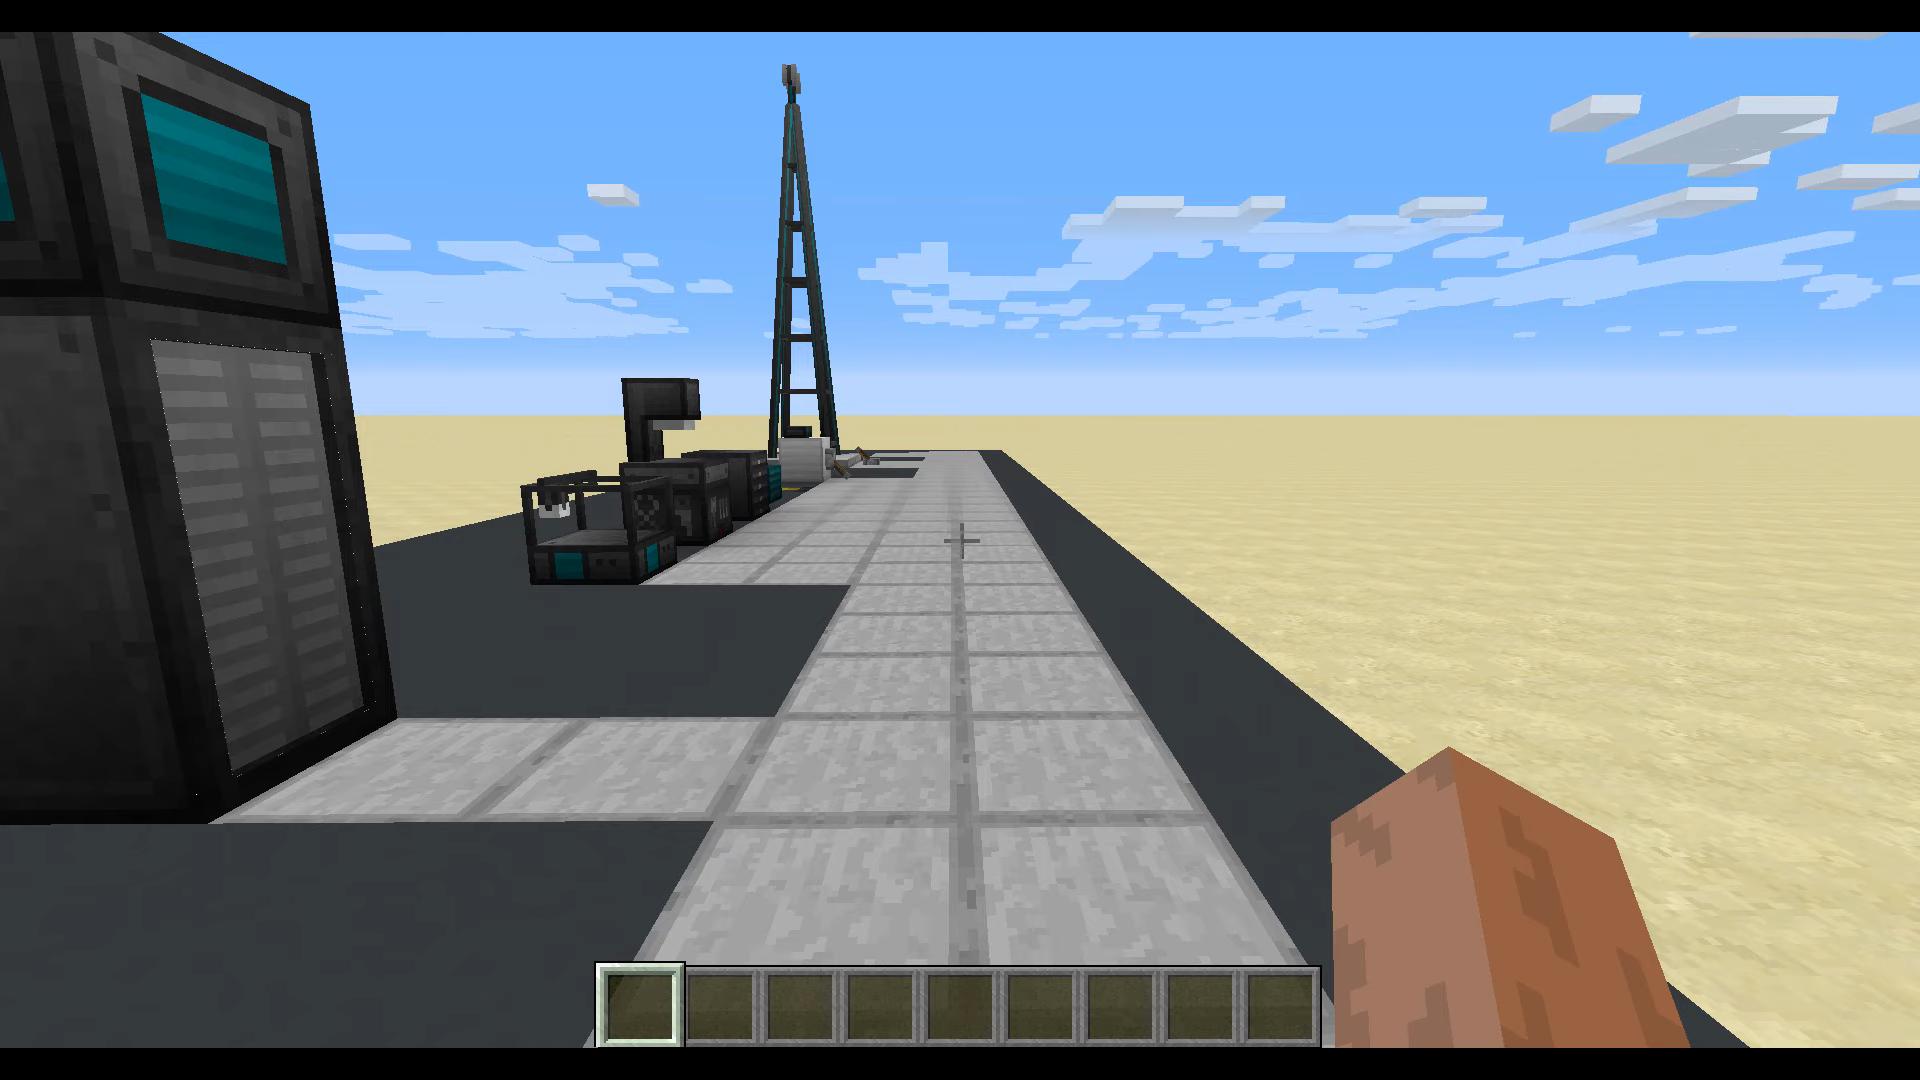 Мод Cyberware (Стань киборгом) дляМайнкрафт - скриншот 8